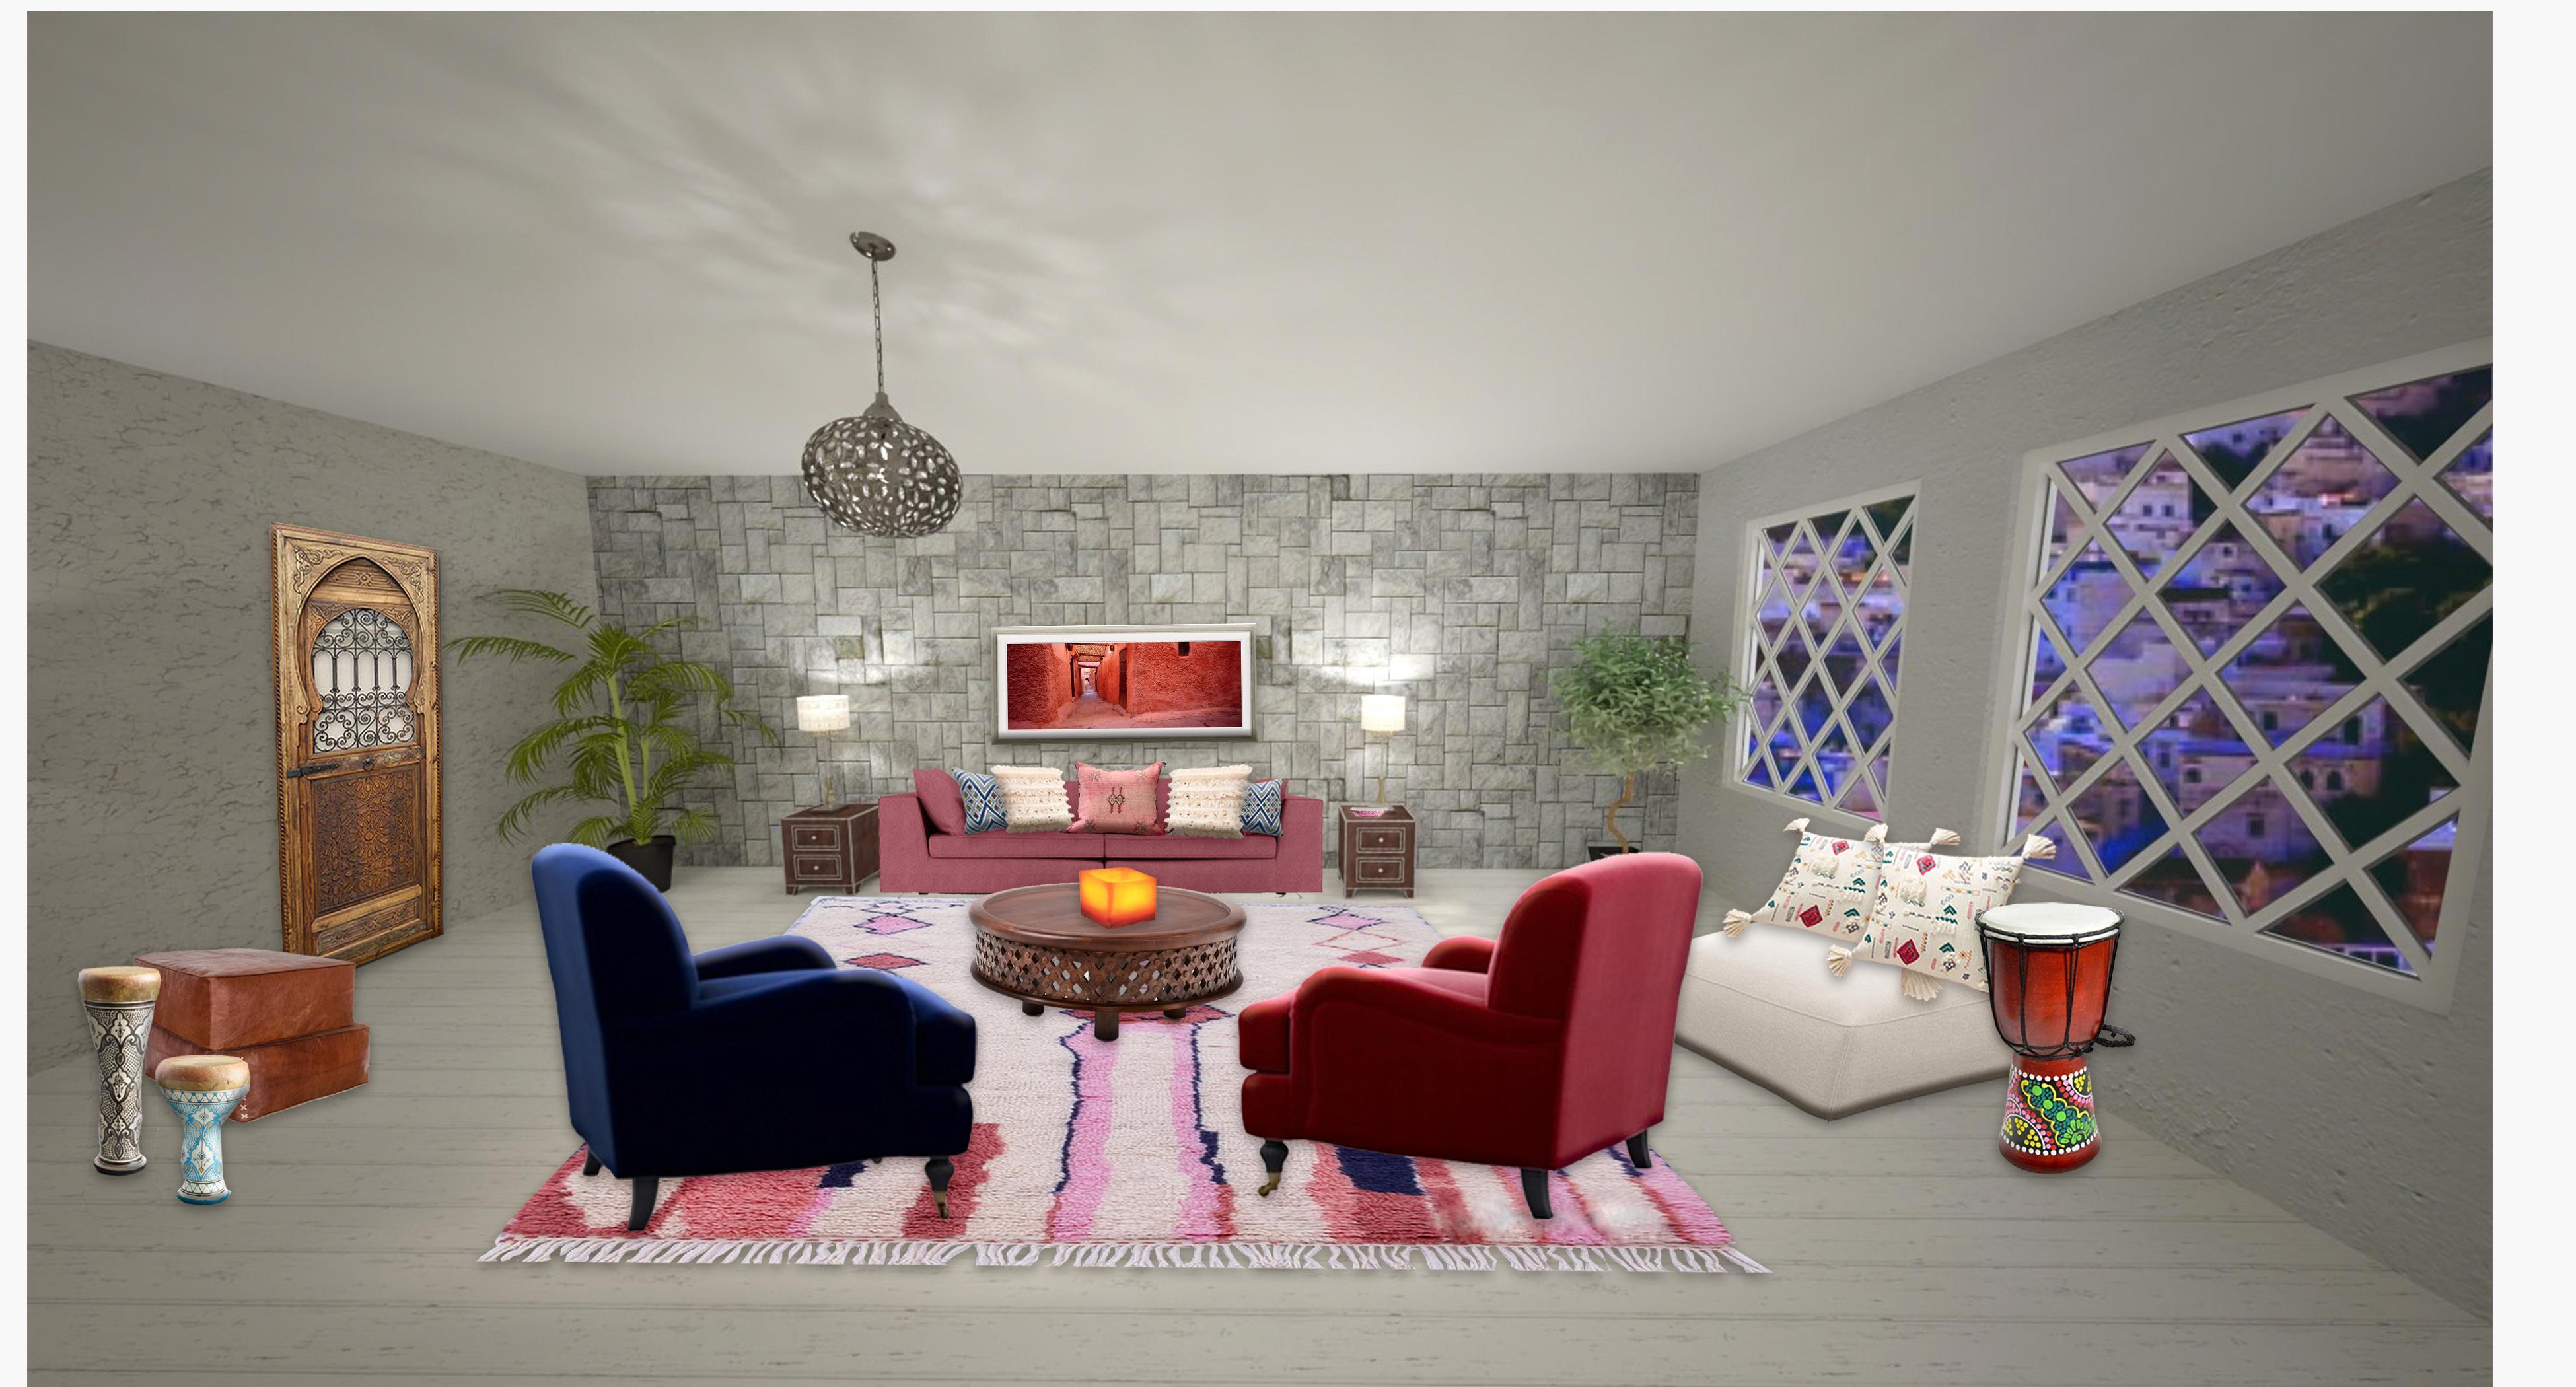 Moroccan Living room #globalstyle #moroccan #livingroom #azilalrug #atlasweavers #edesign